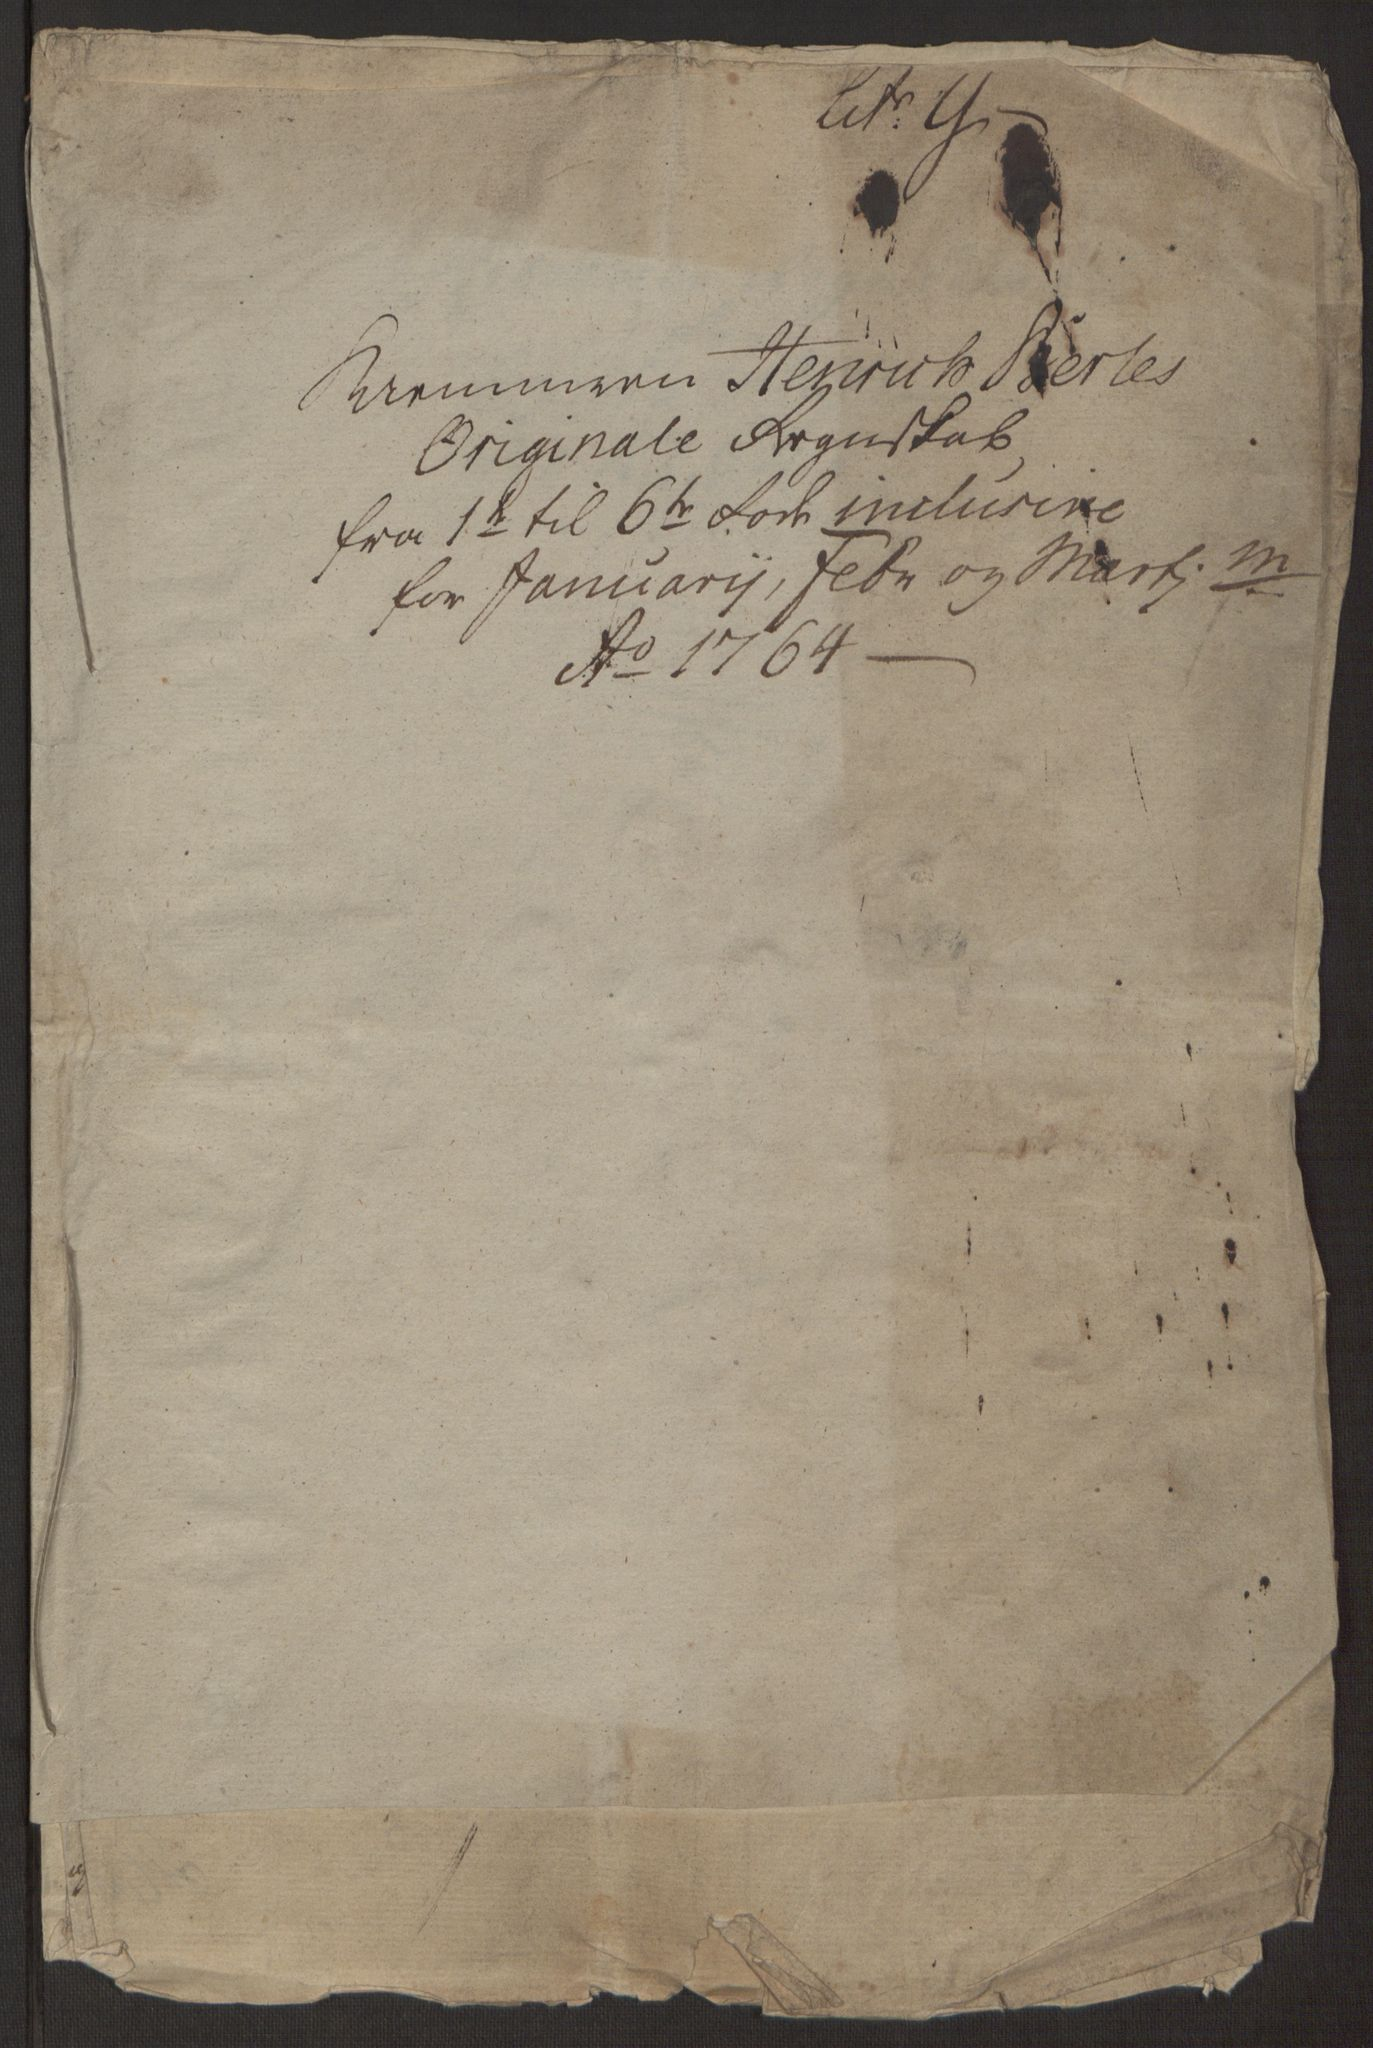 RA, Rentekammeret inntil 1814, Reviderte regnskaper, Byregnskaper, R/Rp/L0367: [P21] Kontribusjonsregnskap, 1764, s. 43